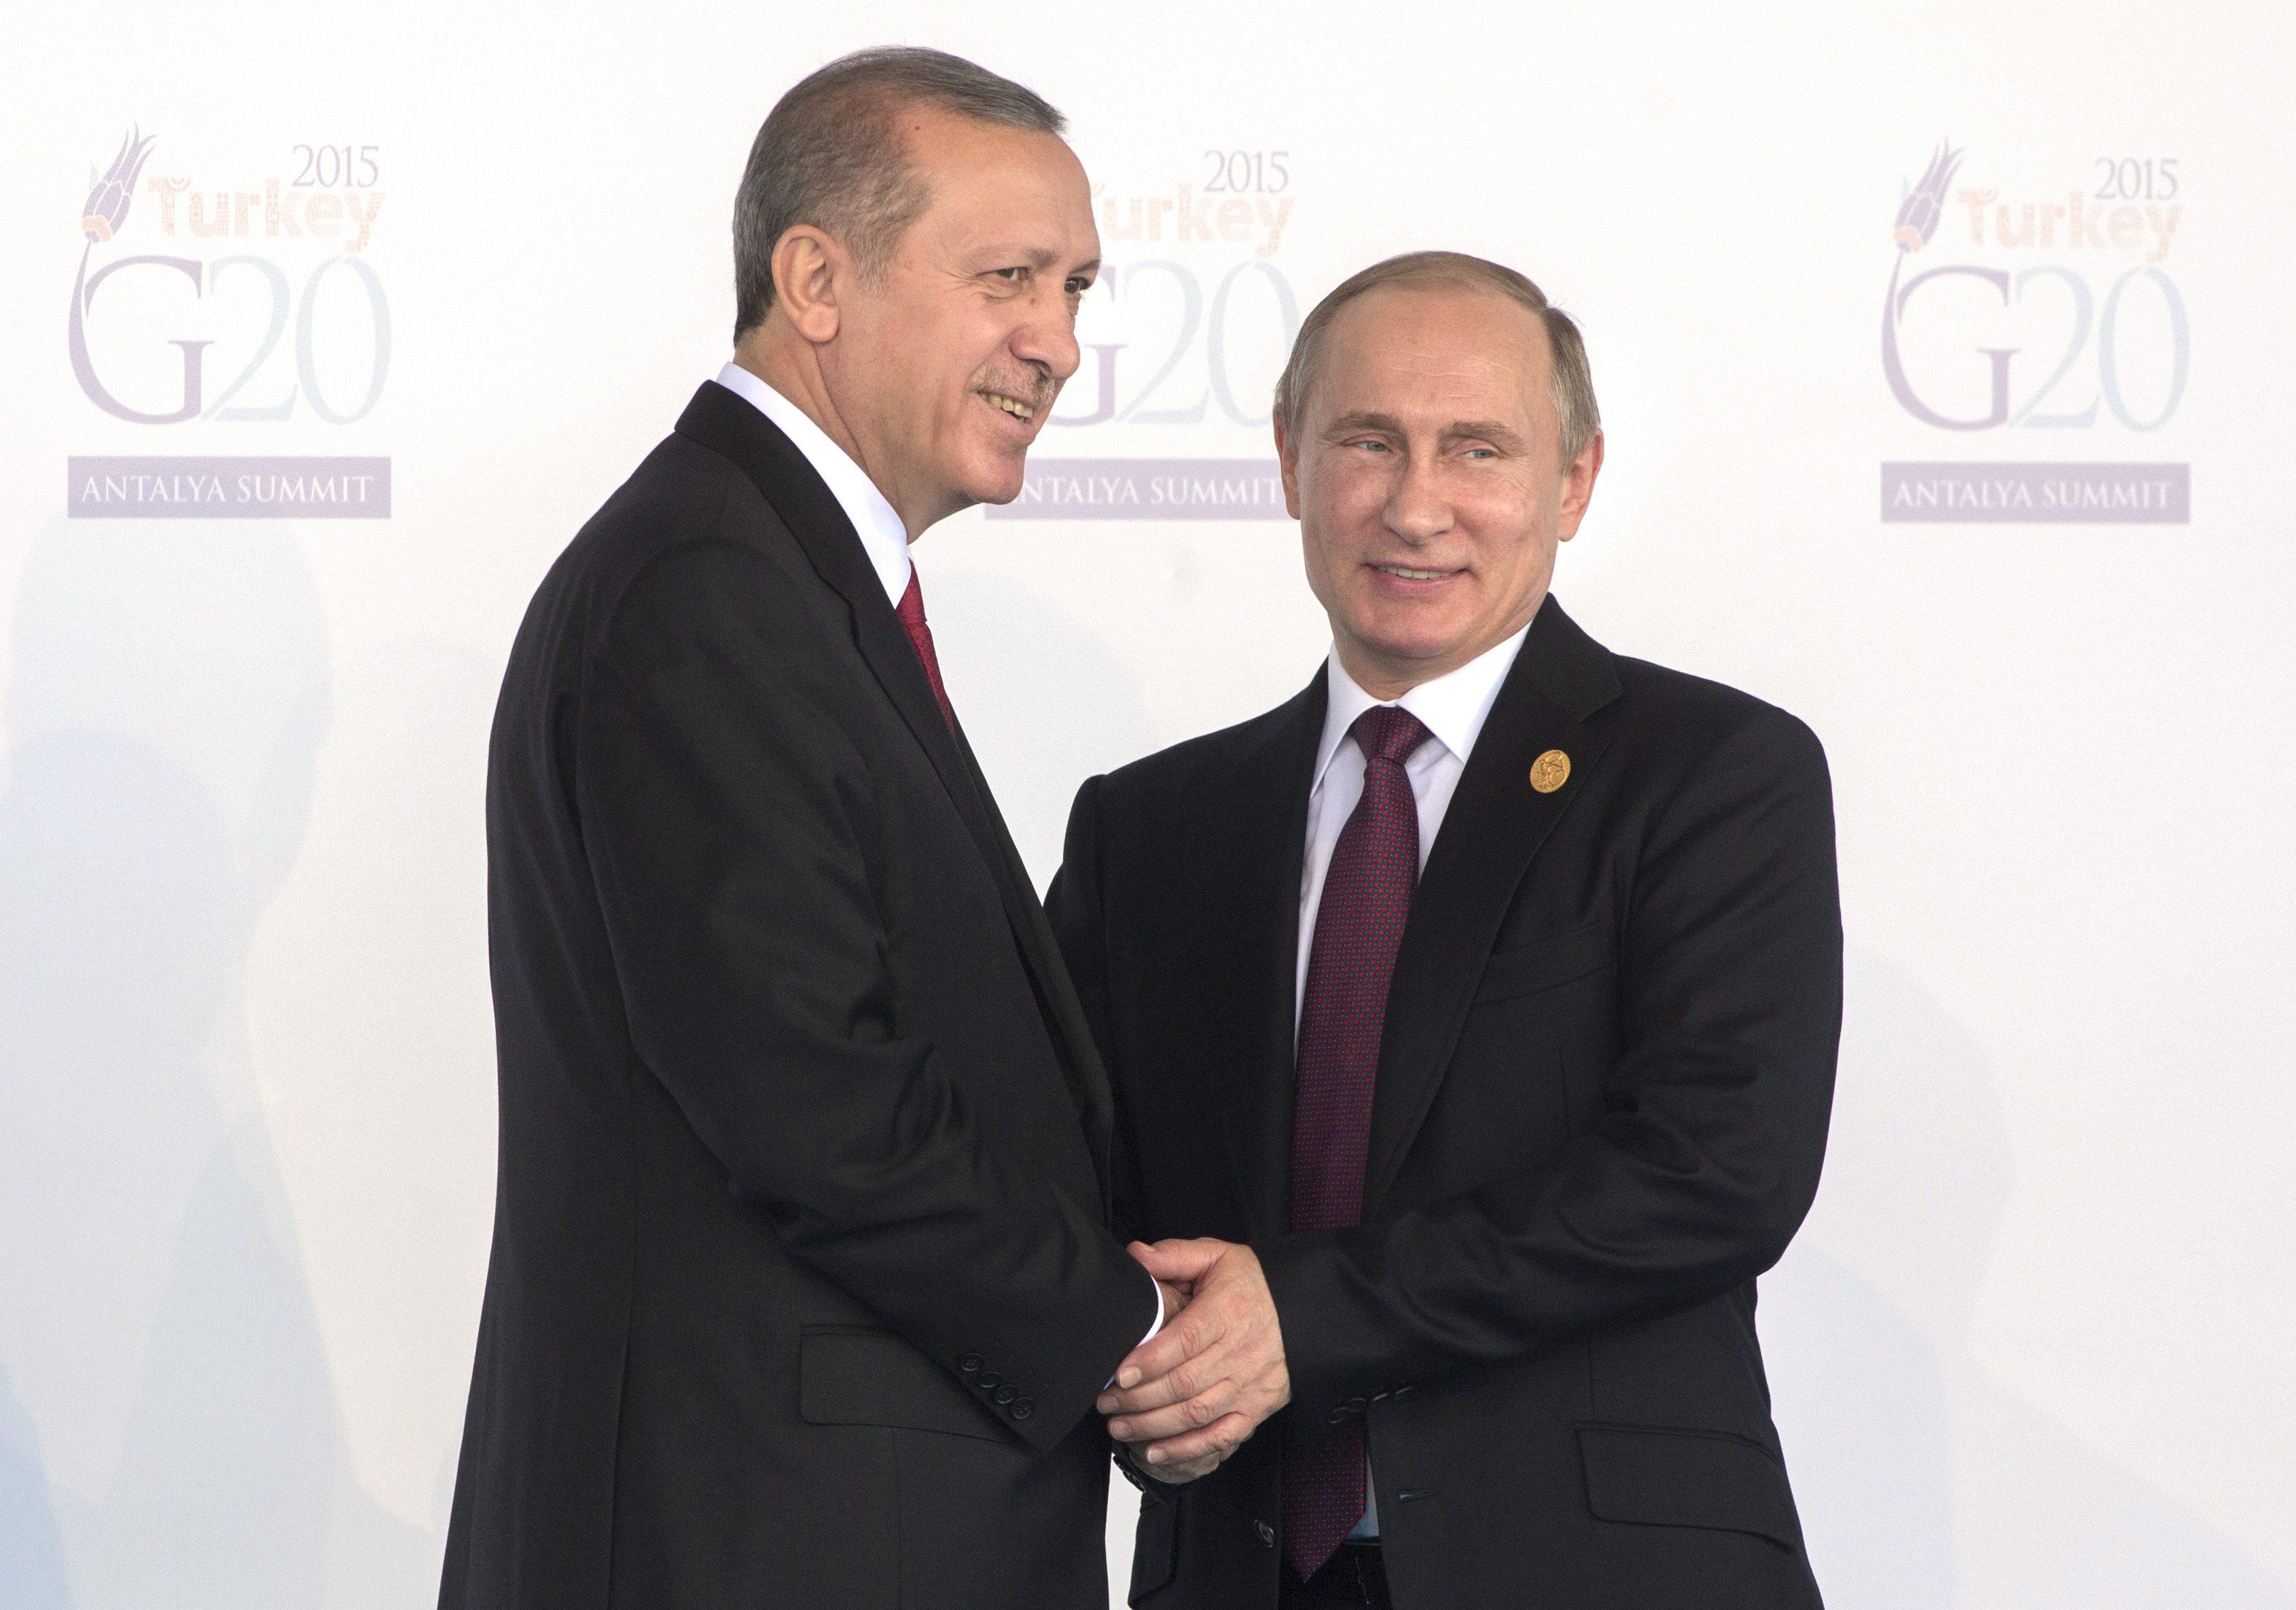 Encontro Putin-Erdogan anunciado para 09 de agosto em São Petersburgo